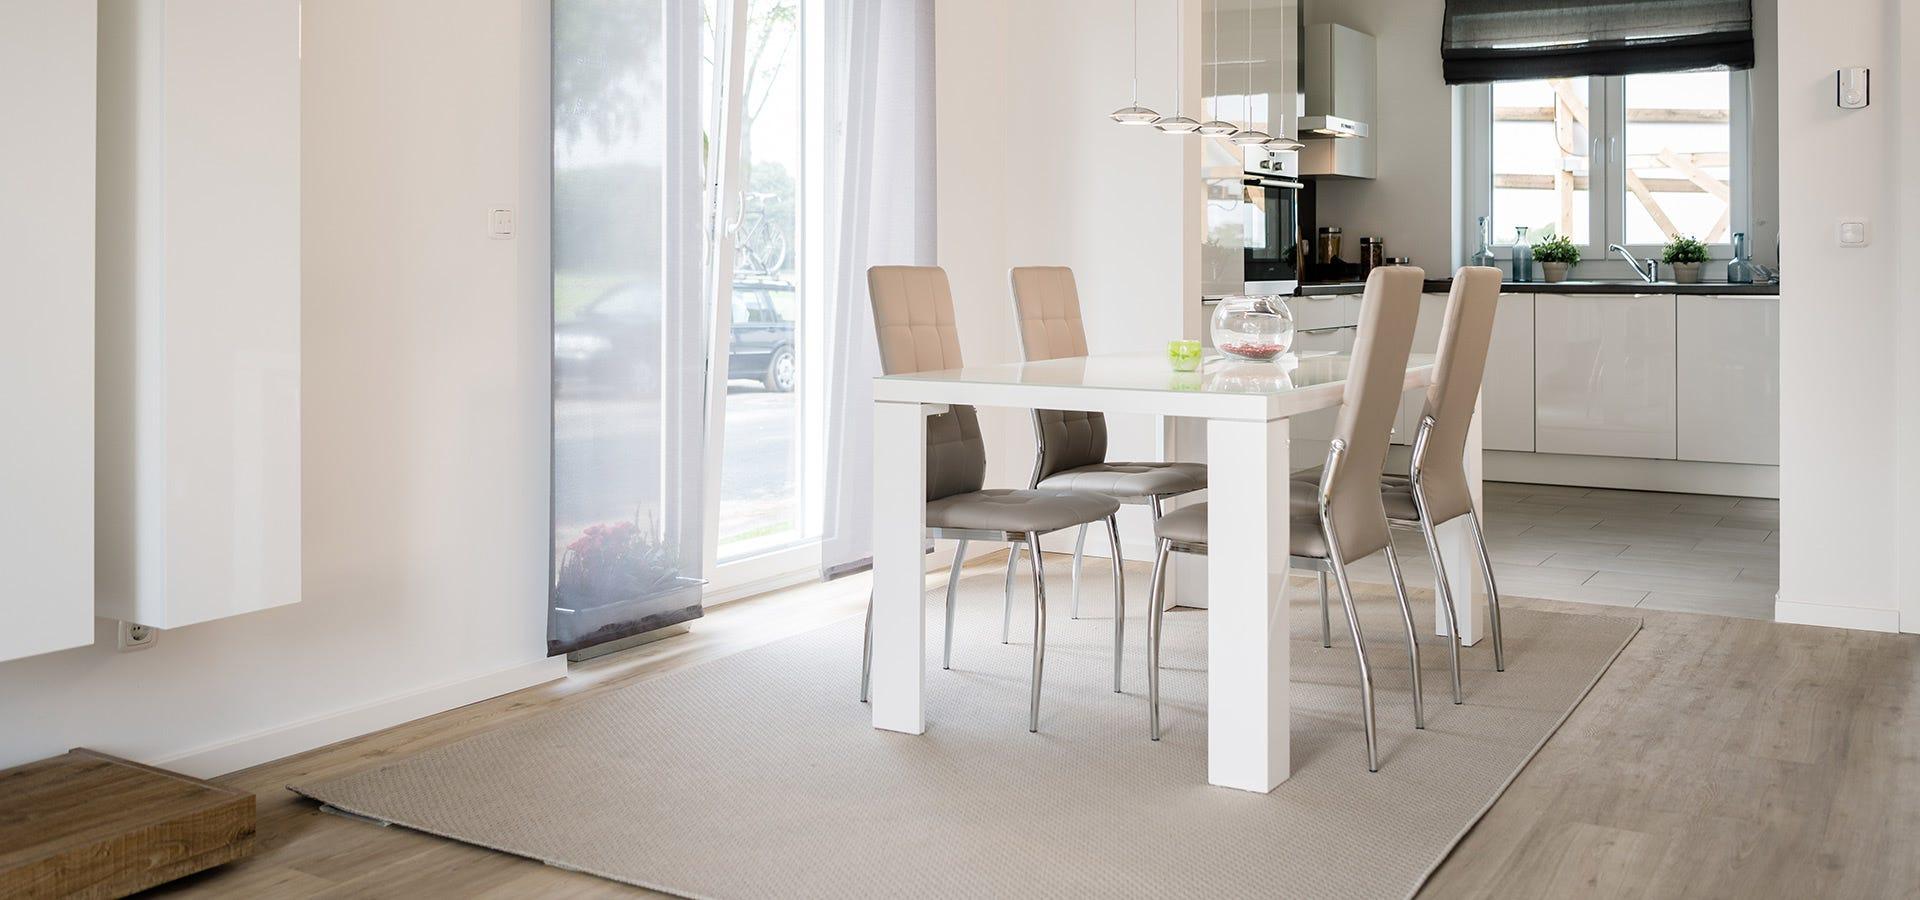 esszimmer einrichten interesting buche holz gepolstert with esszimmer einrichten great. Black Bedroom Furniture Sets. Home Design Ideas